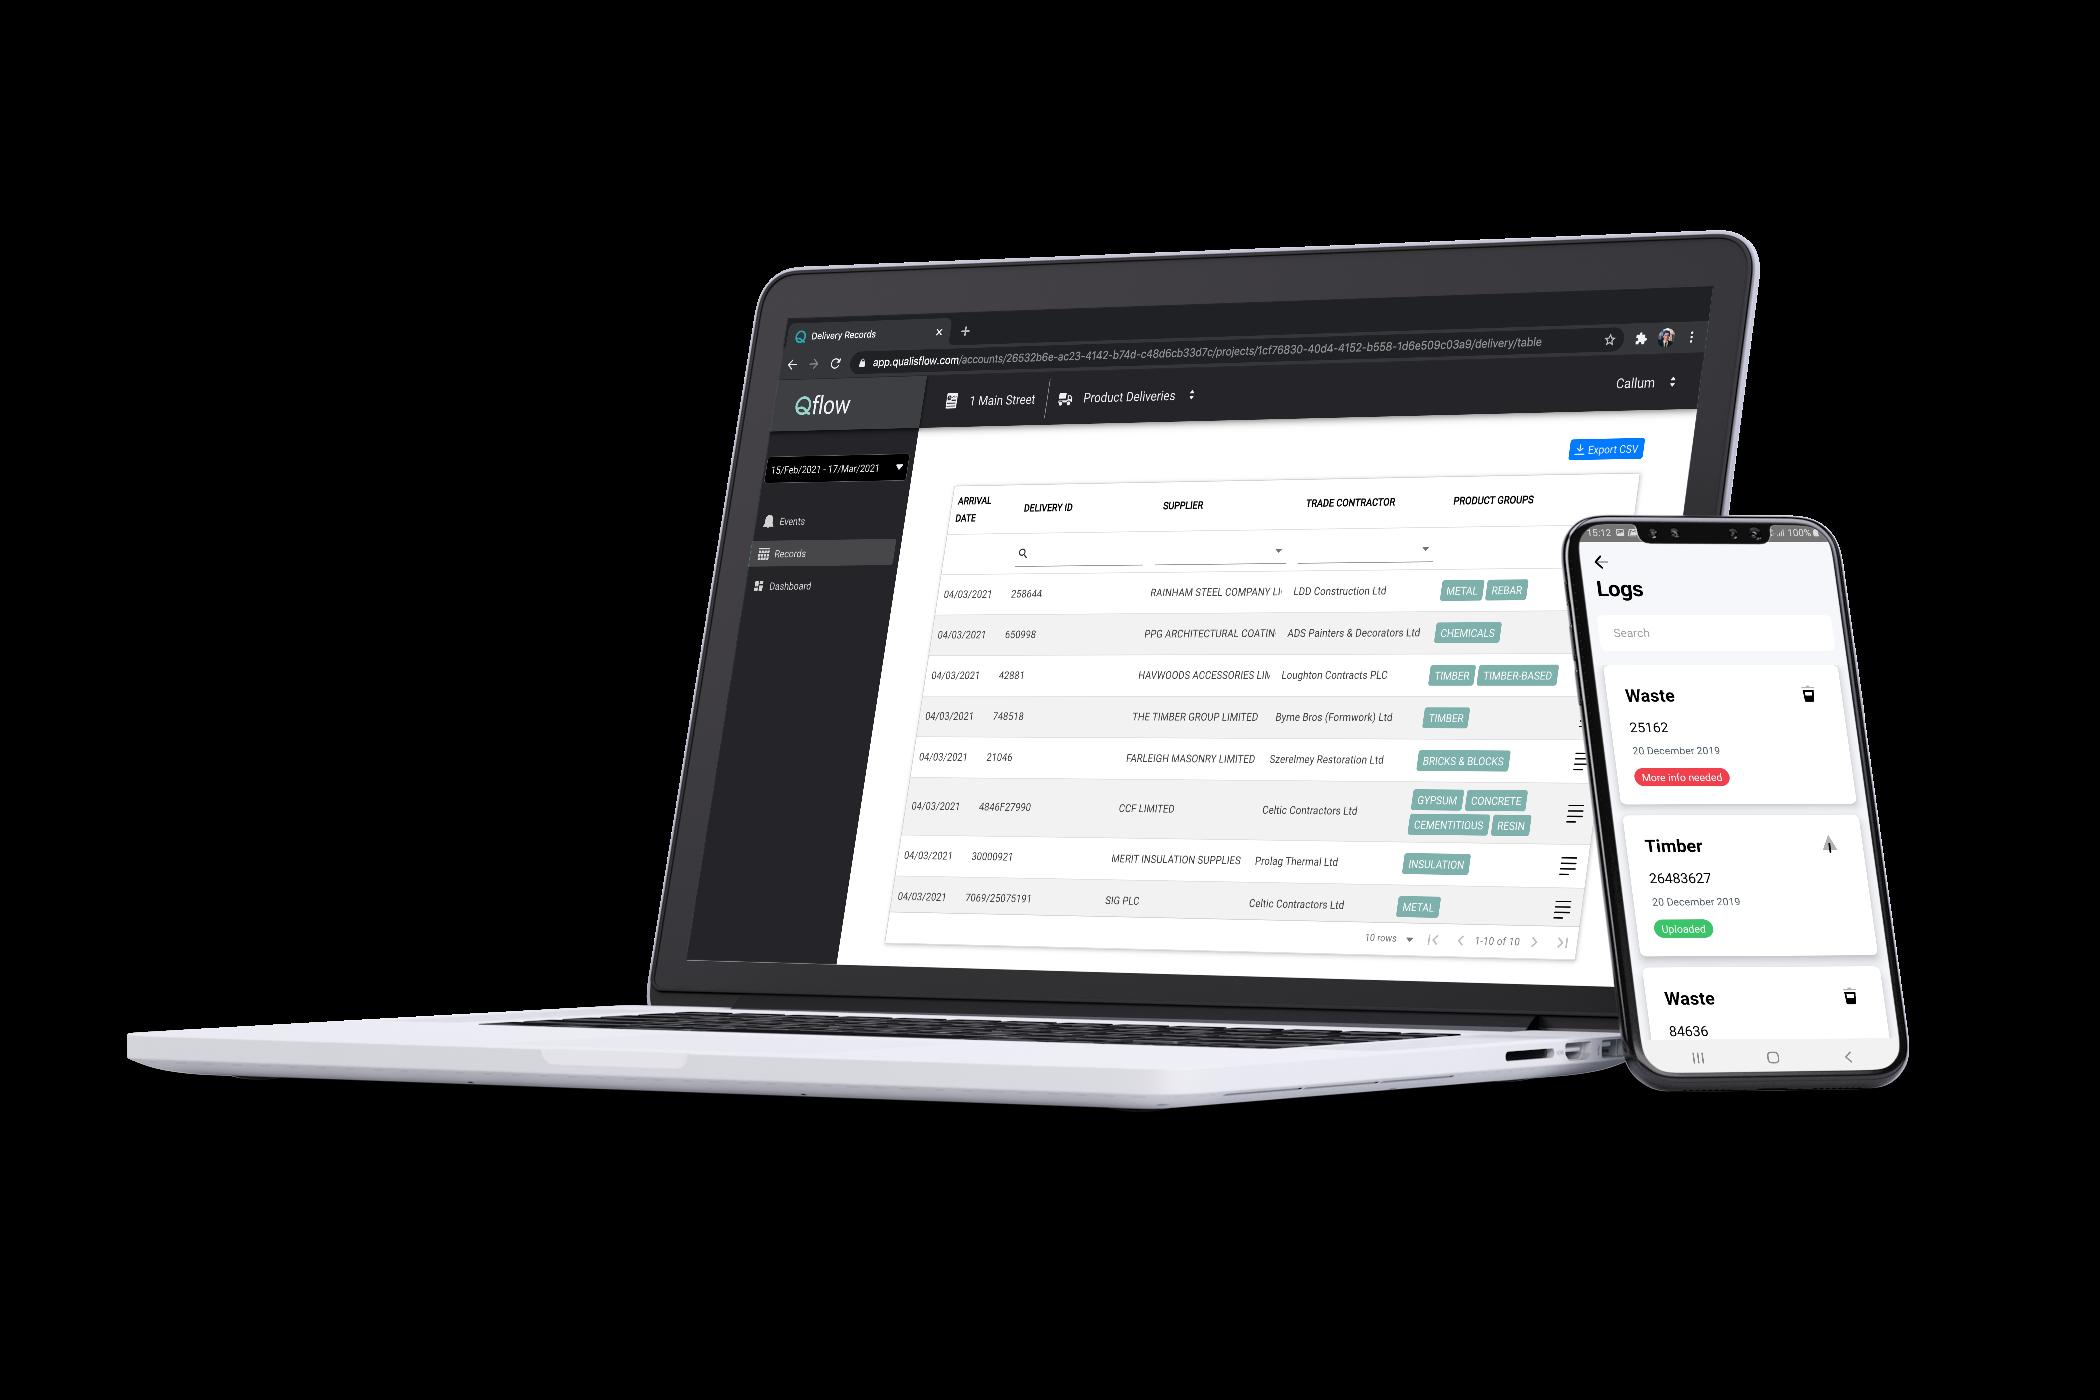 Qflow laptop portal and Qflow iOS app